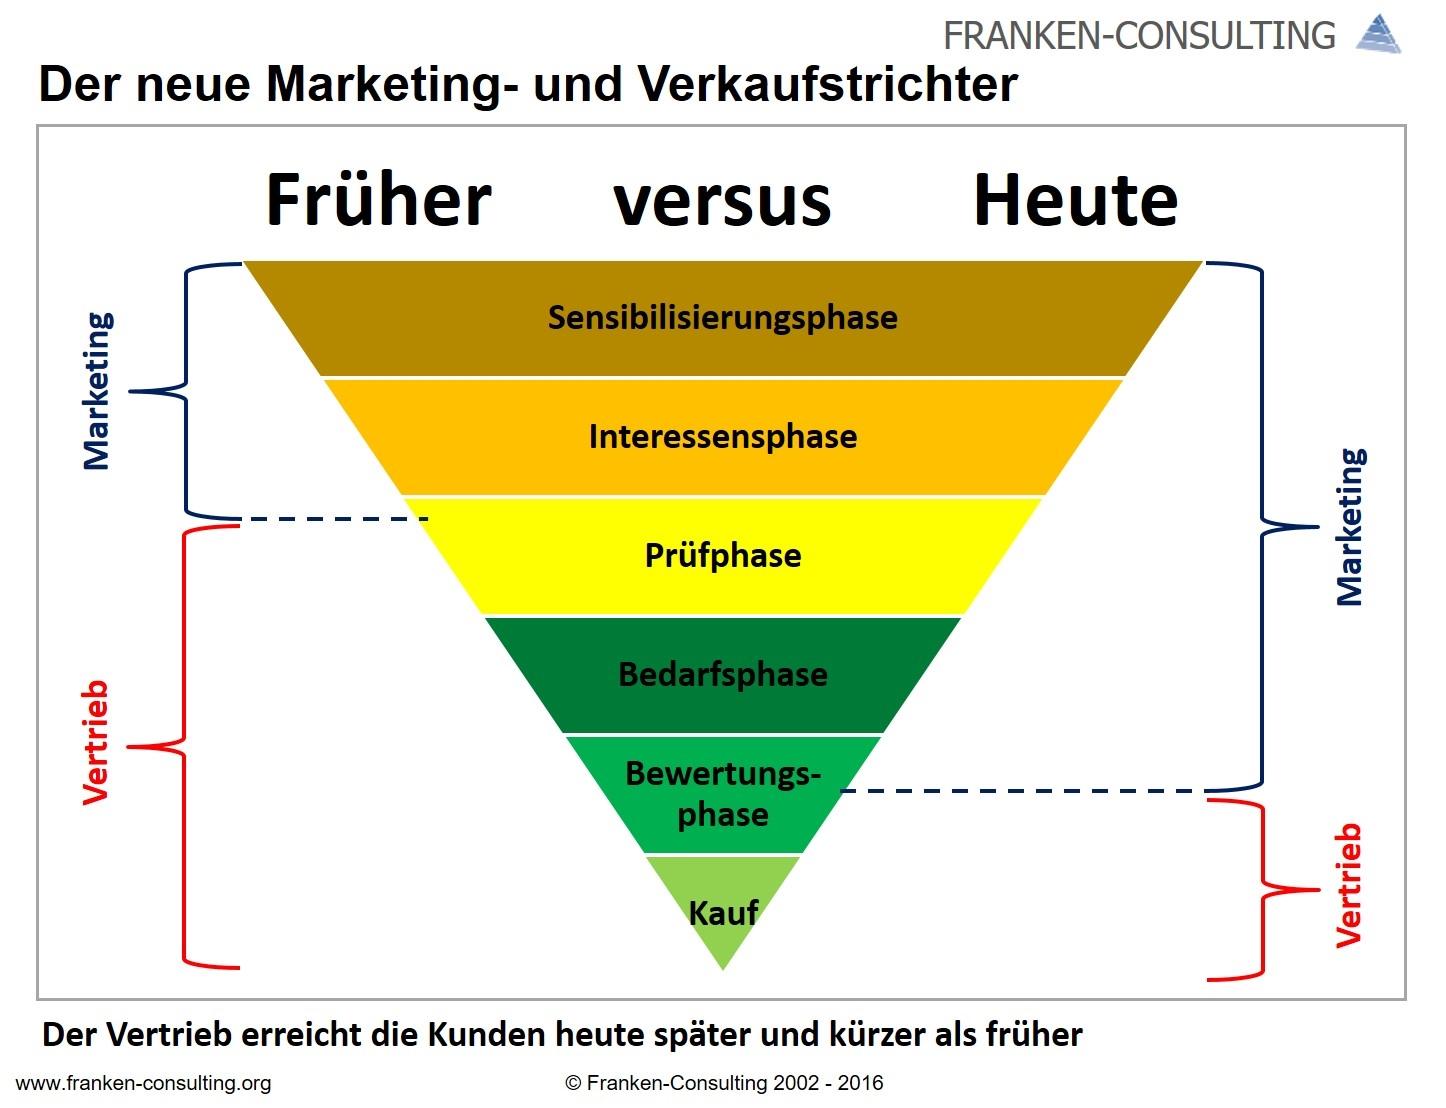 franken-consulting-neuer-marketing-und-verkaufstrichter